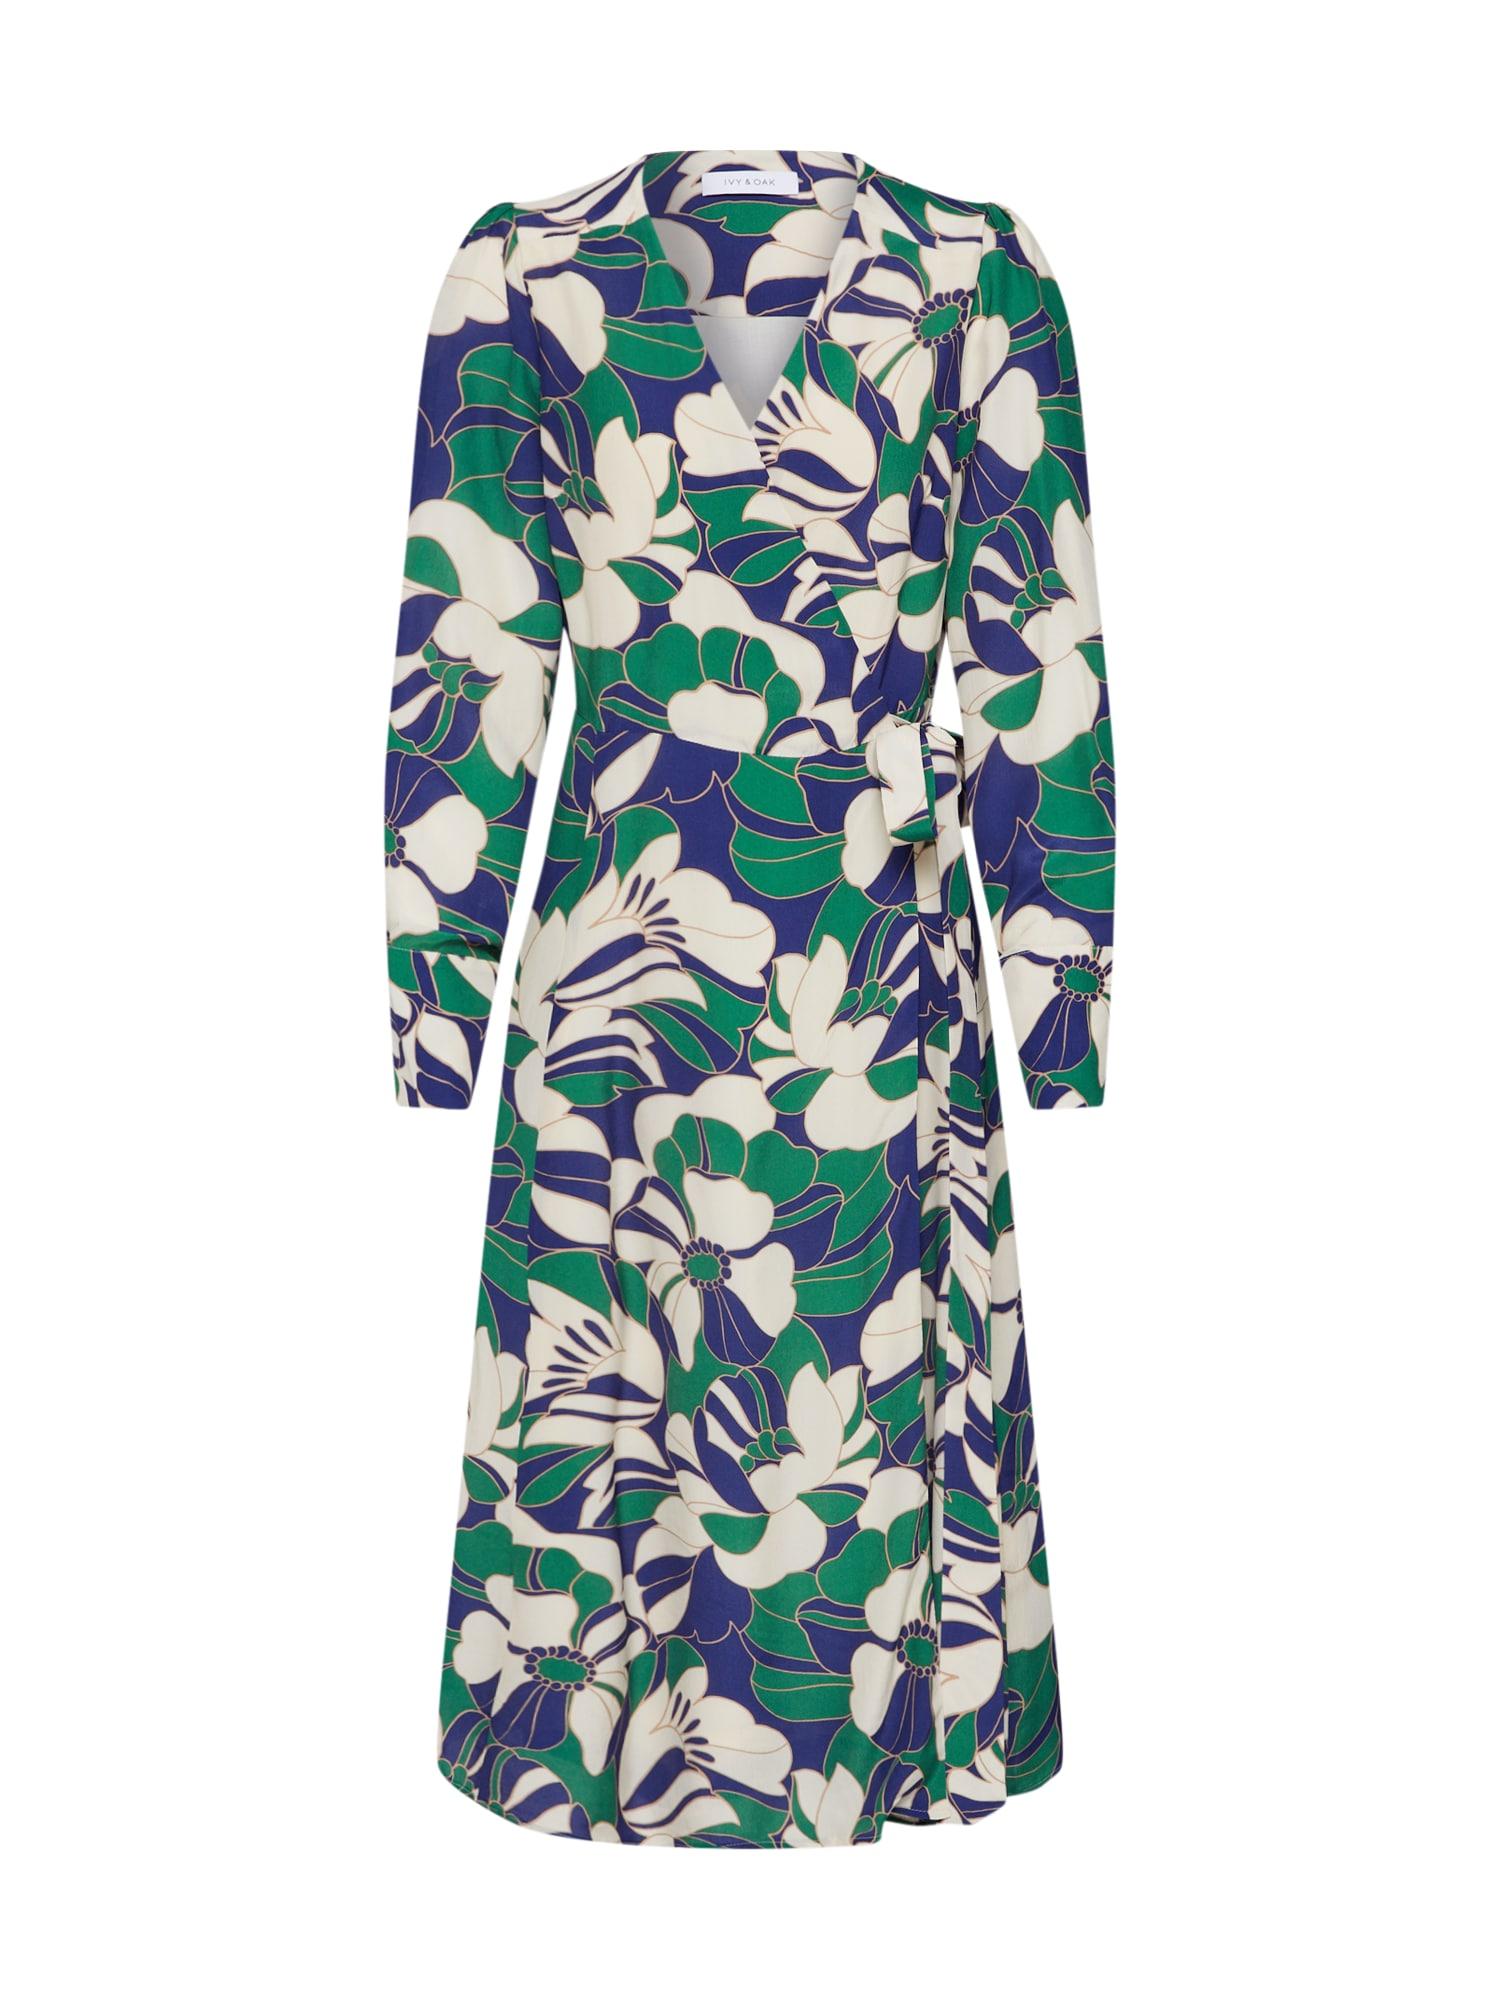 IVY & OAK Suknelė kremo / tamsiai žalia / tamsiai violetinė